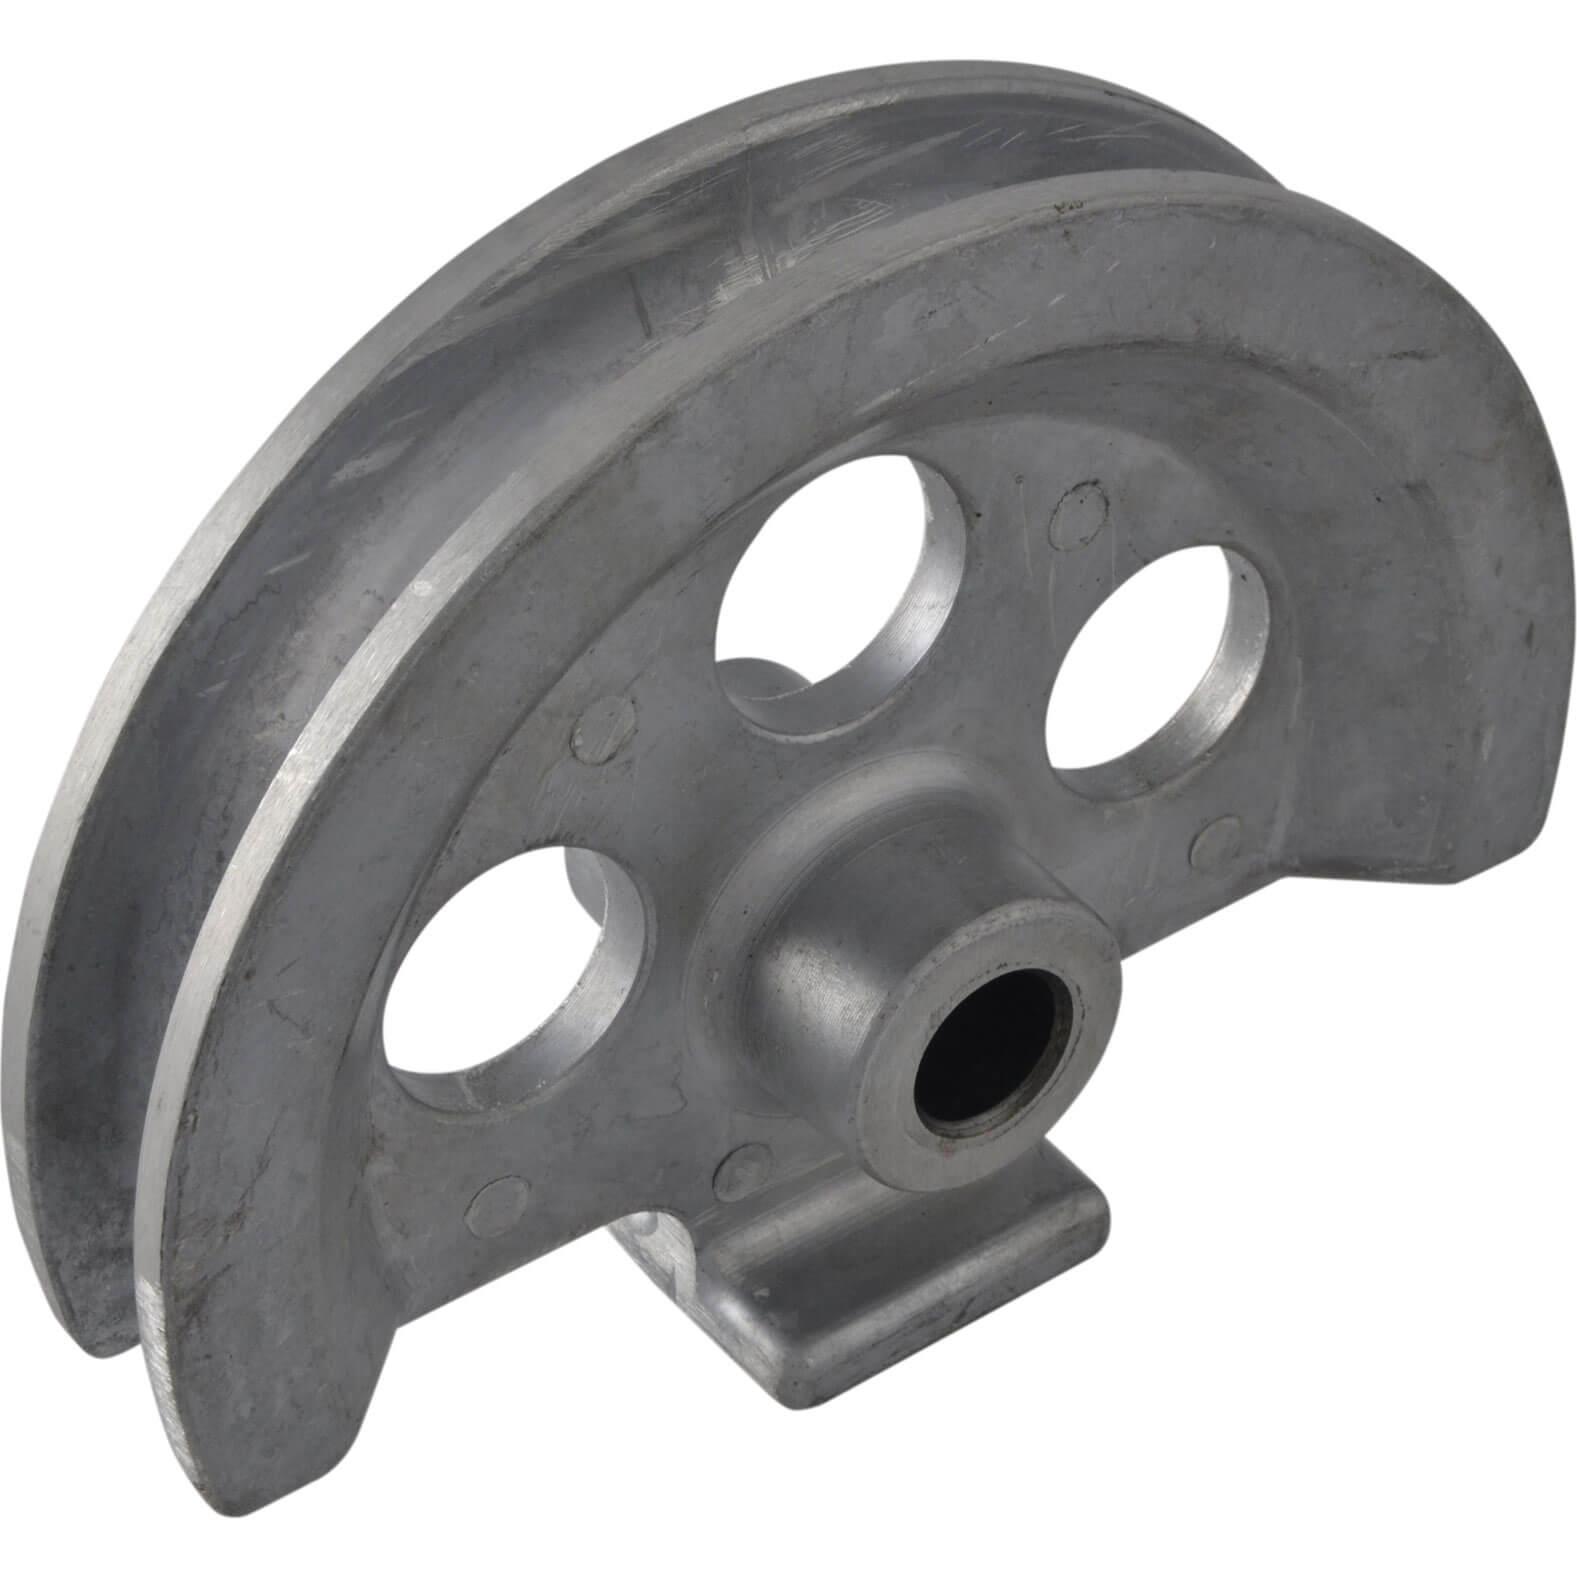 Image of Hilmor Aluminum Former For CM35/42/K3B Pipe Bender 22mm